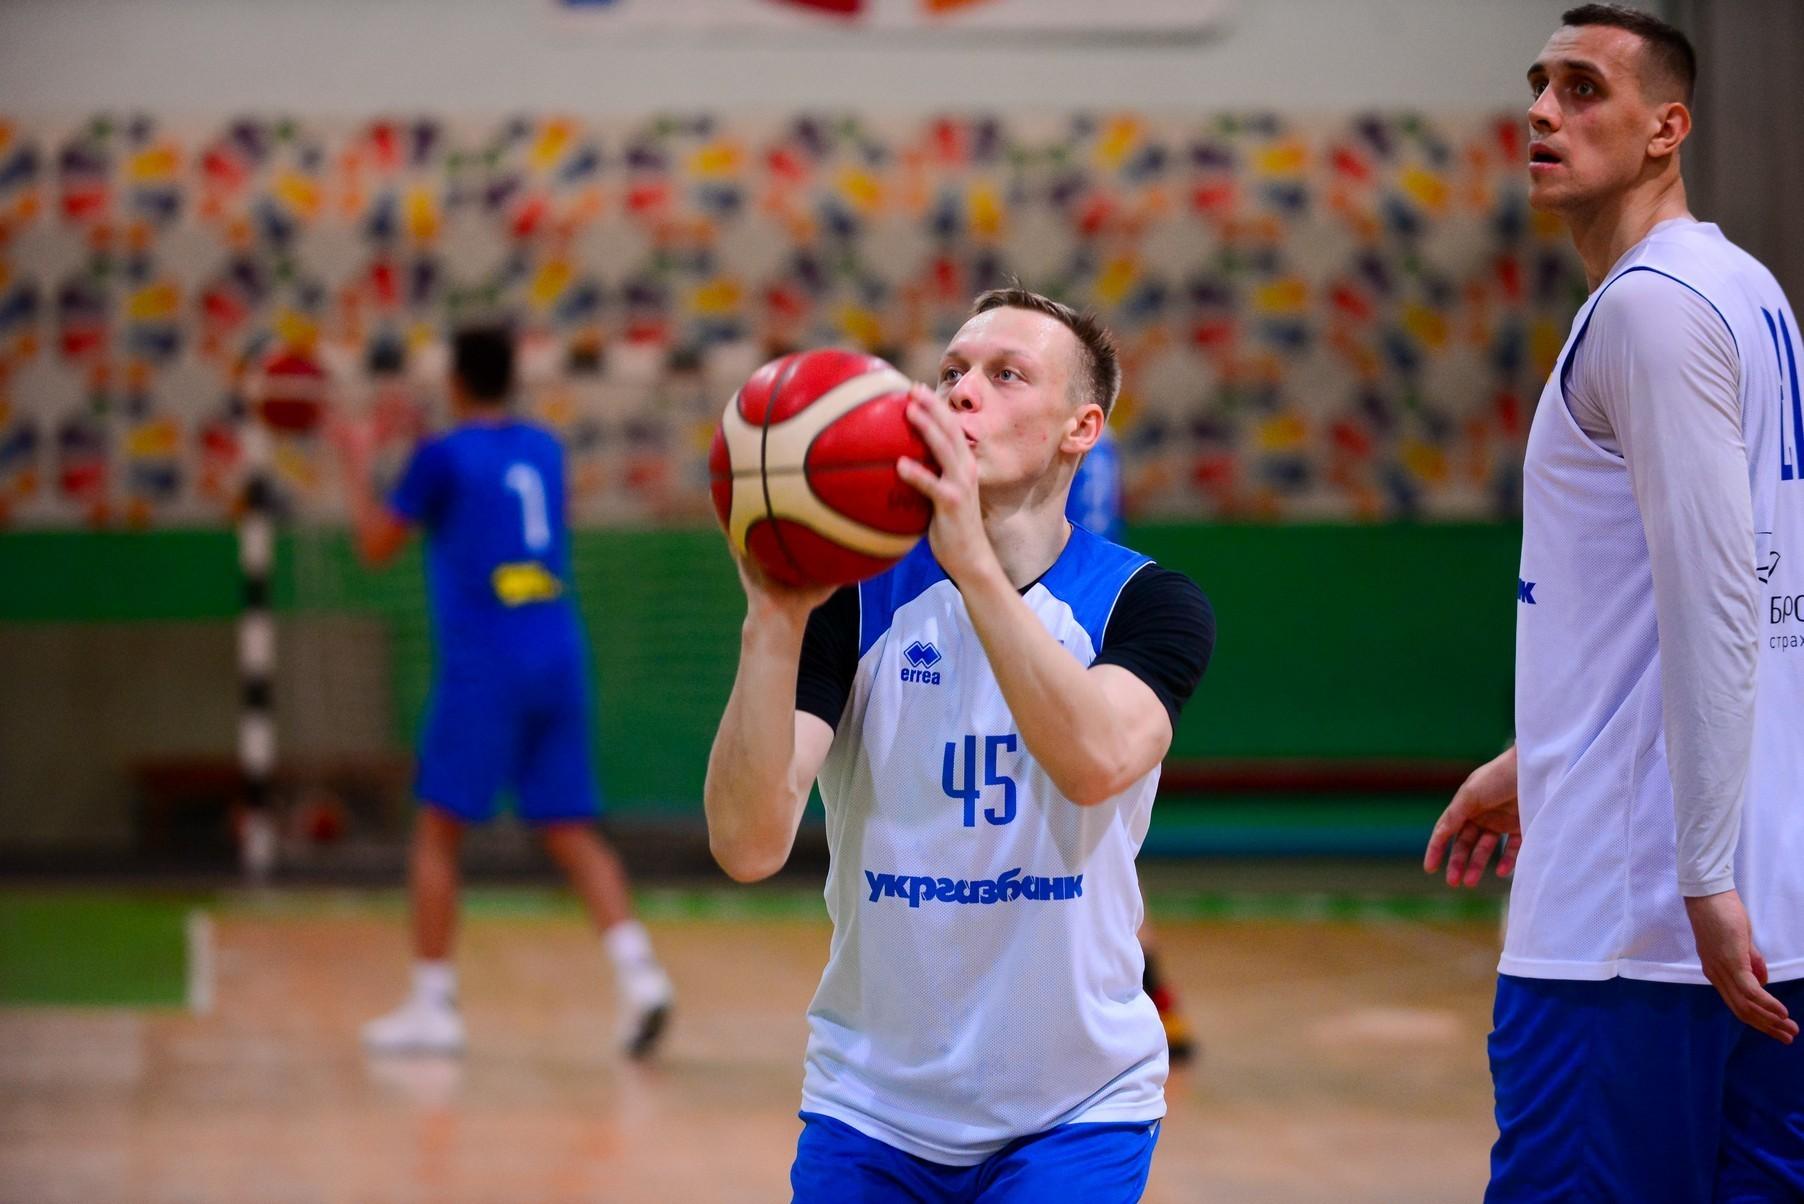 Віталій Зотов: словенці — чемпіони, але в кваліфікації грають інші люди